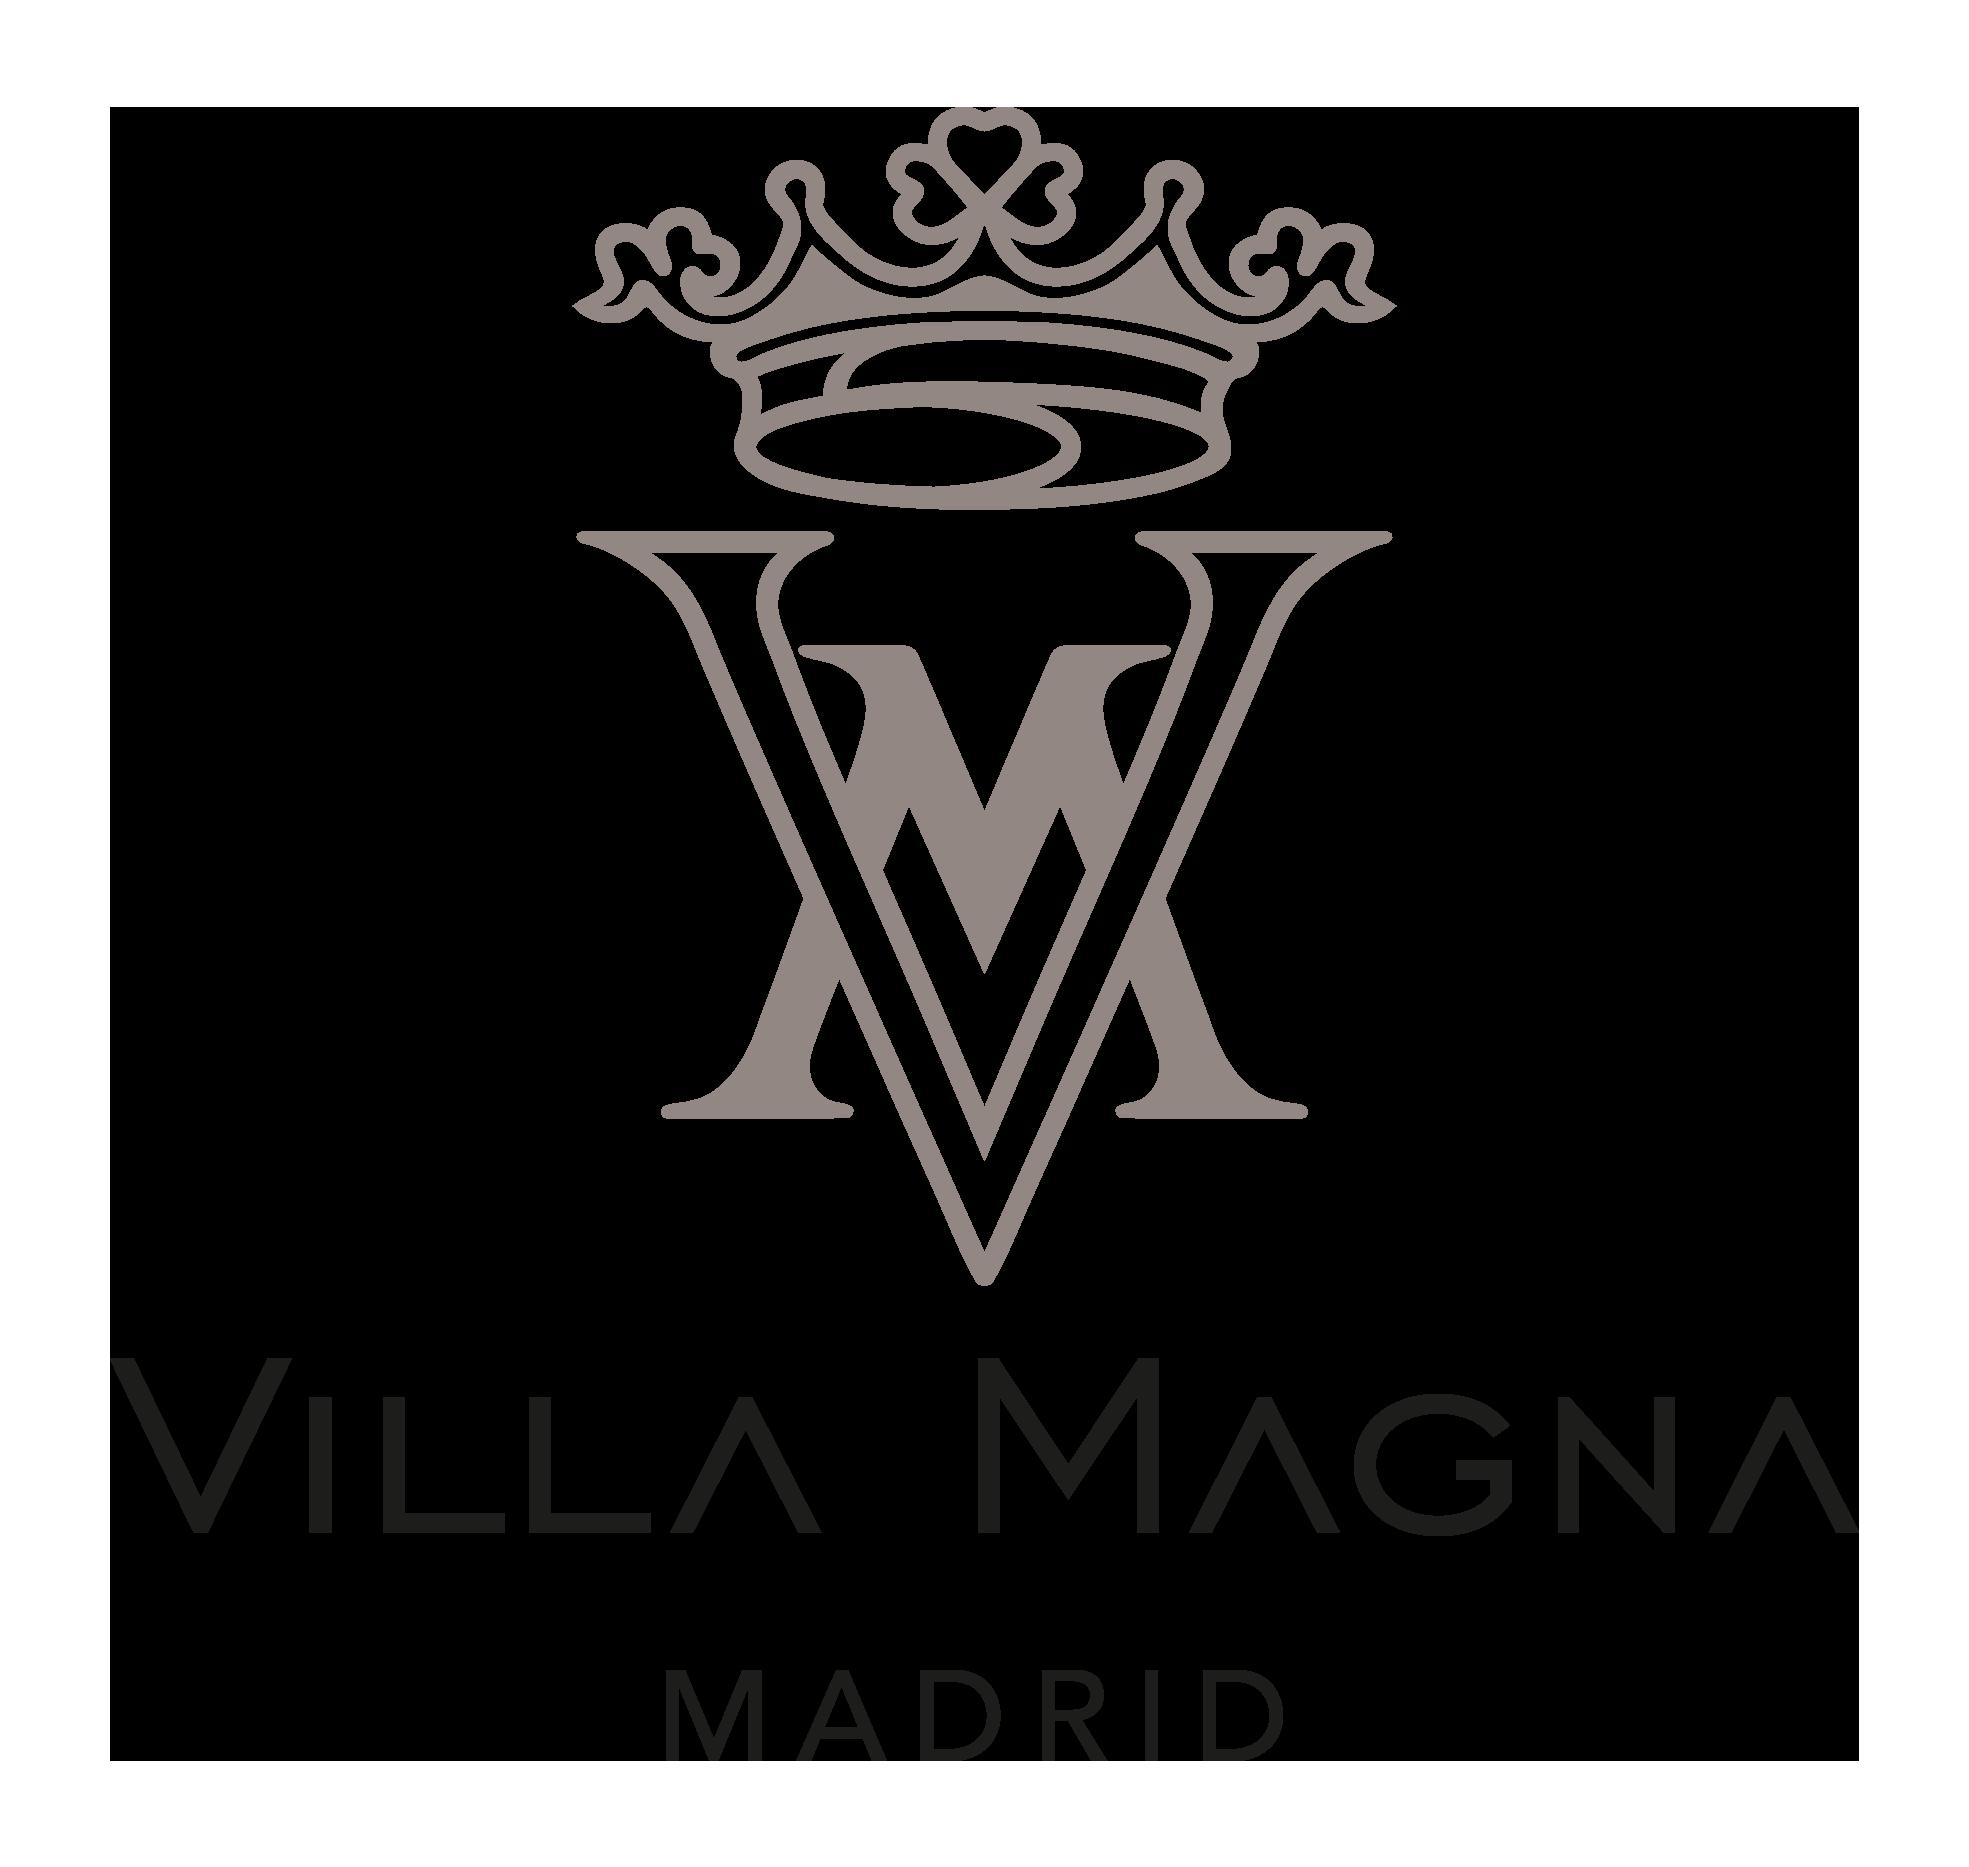 Hotel Villa Magna logo